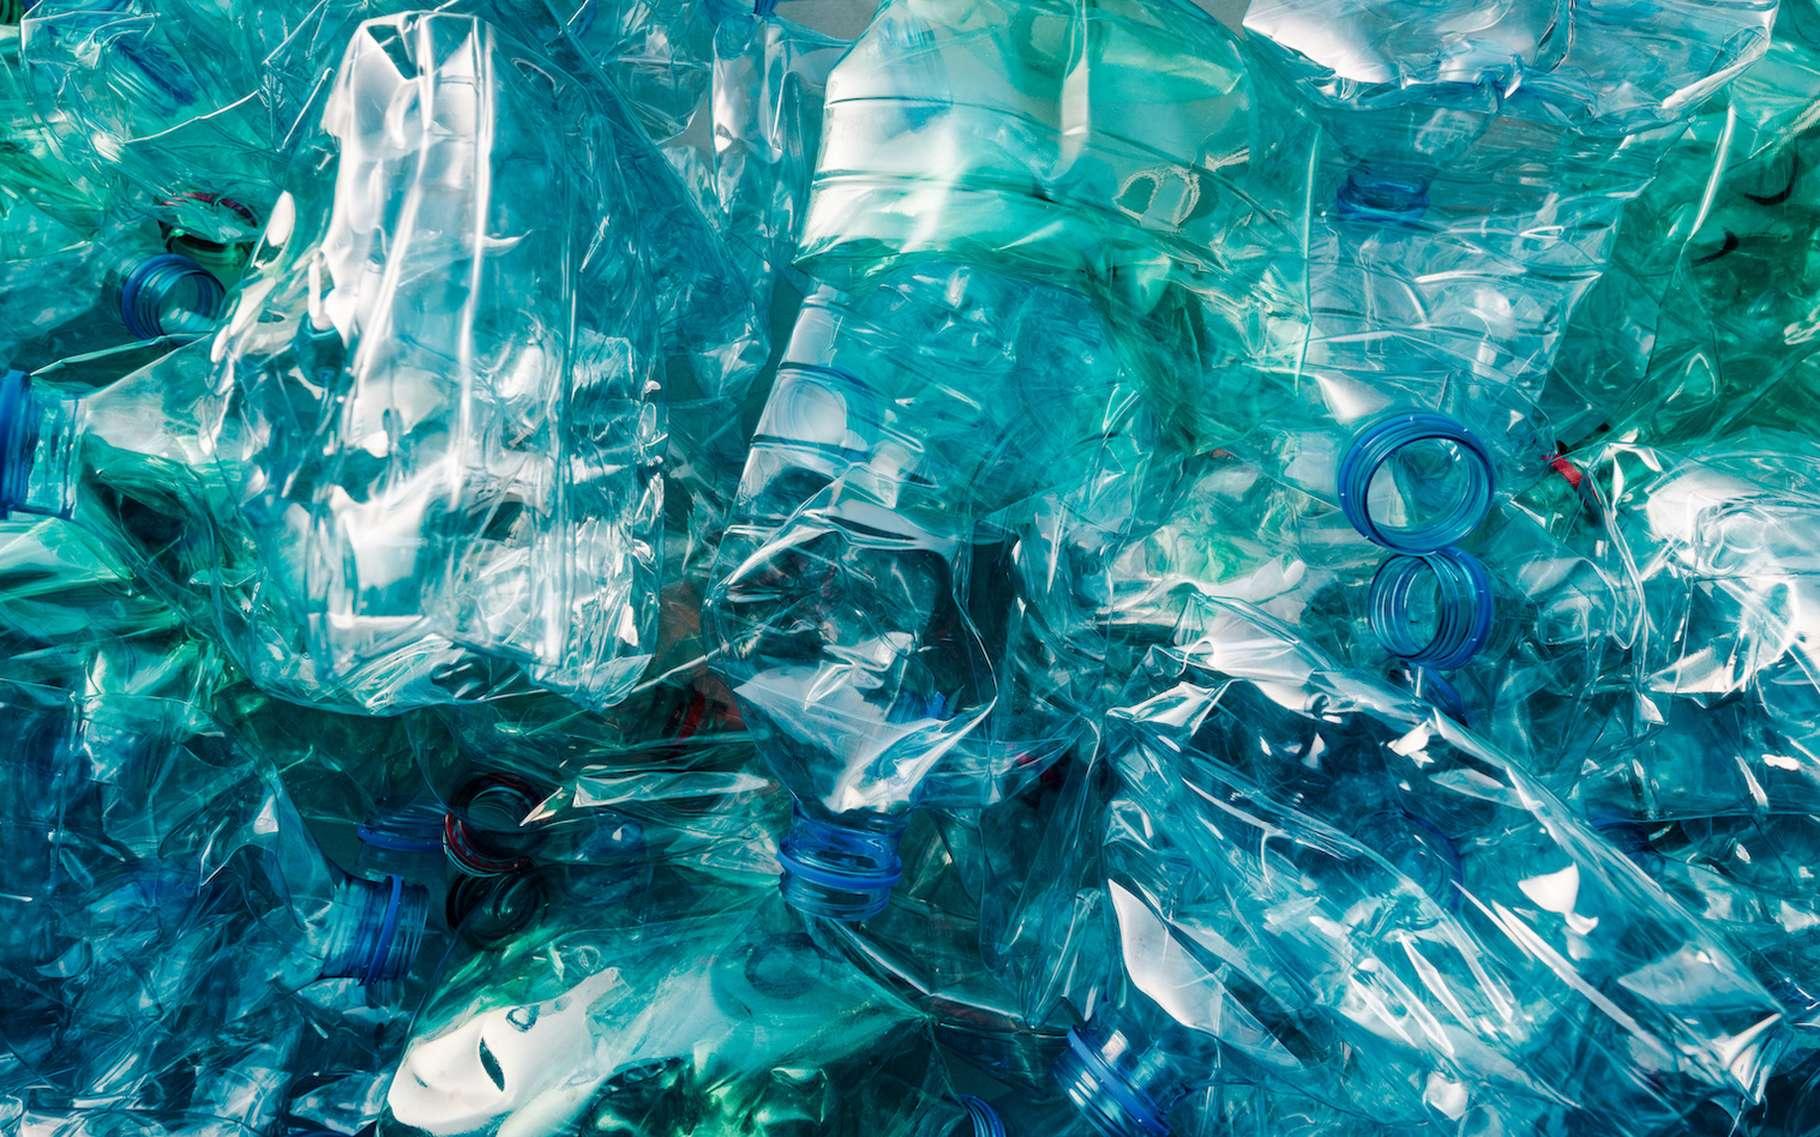 Chaque année, plus de 300.000 tonnes de bouteilles en plastique jetables sont produites en France. Mais des solutions arrivent sur le marché pour nous aider à adopter les habitudes de consommation plus responsables et plus saines. © Bits and Splits, Adobe Stock